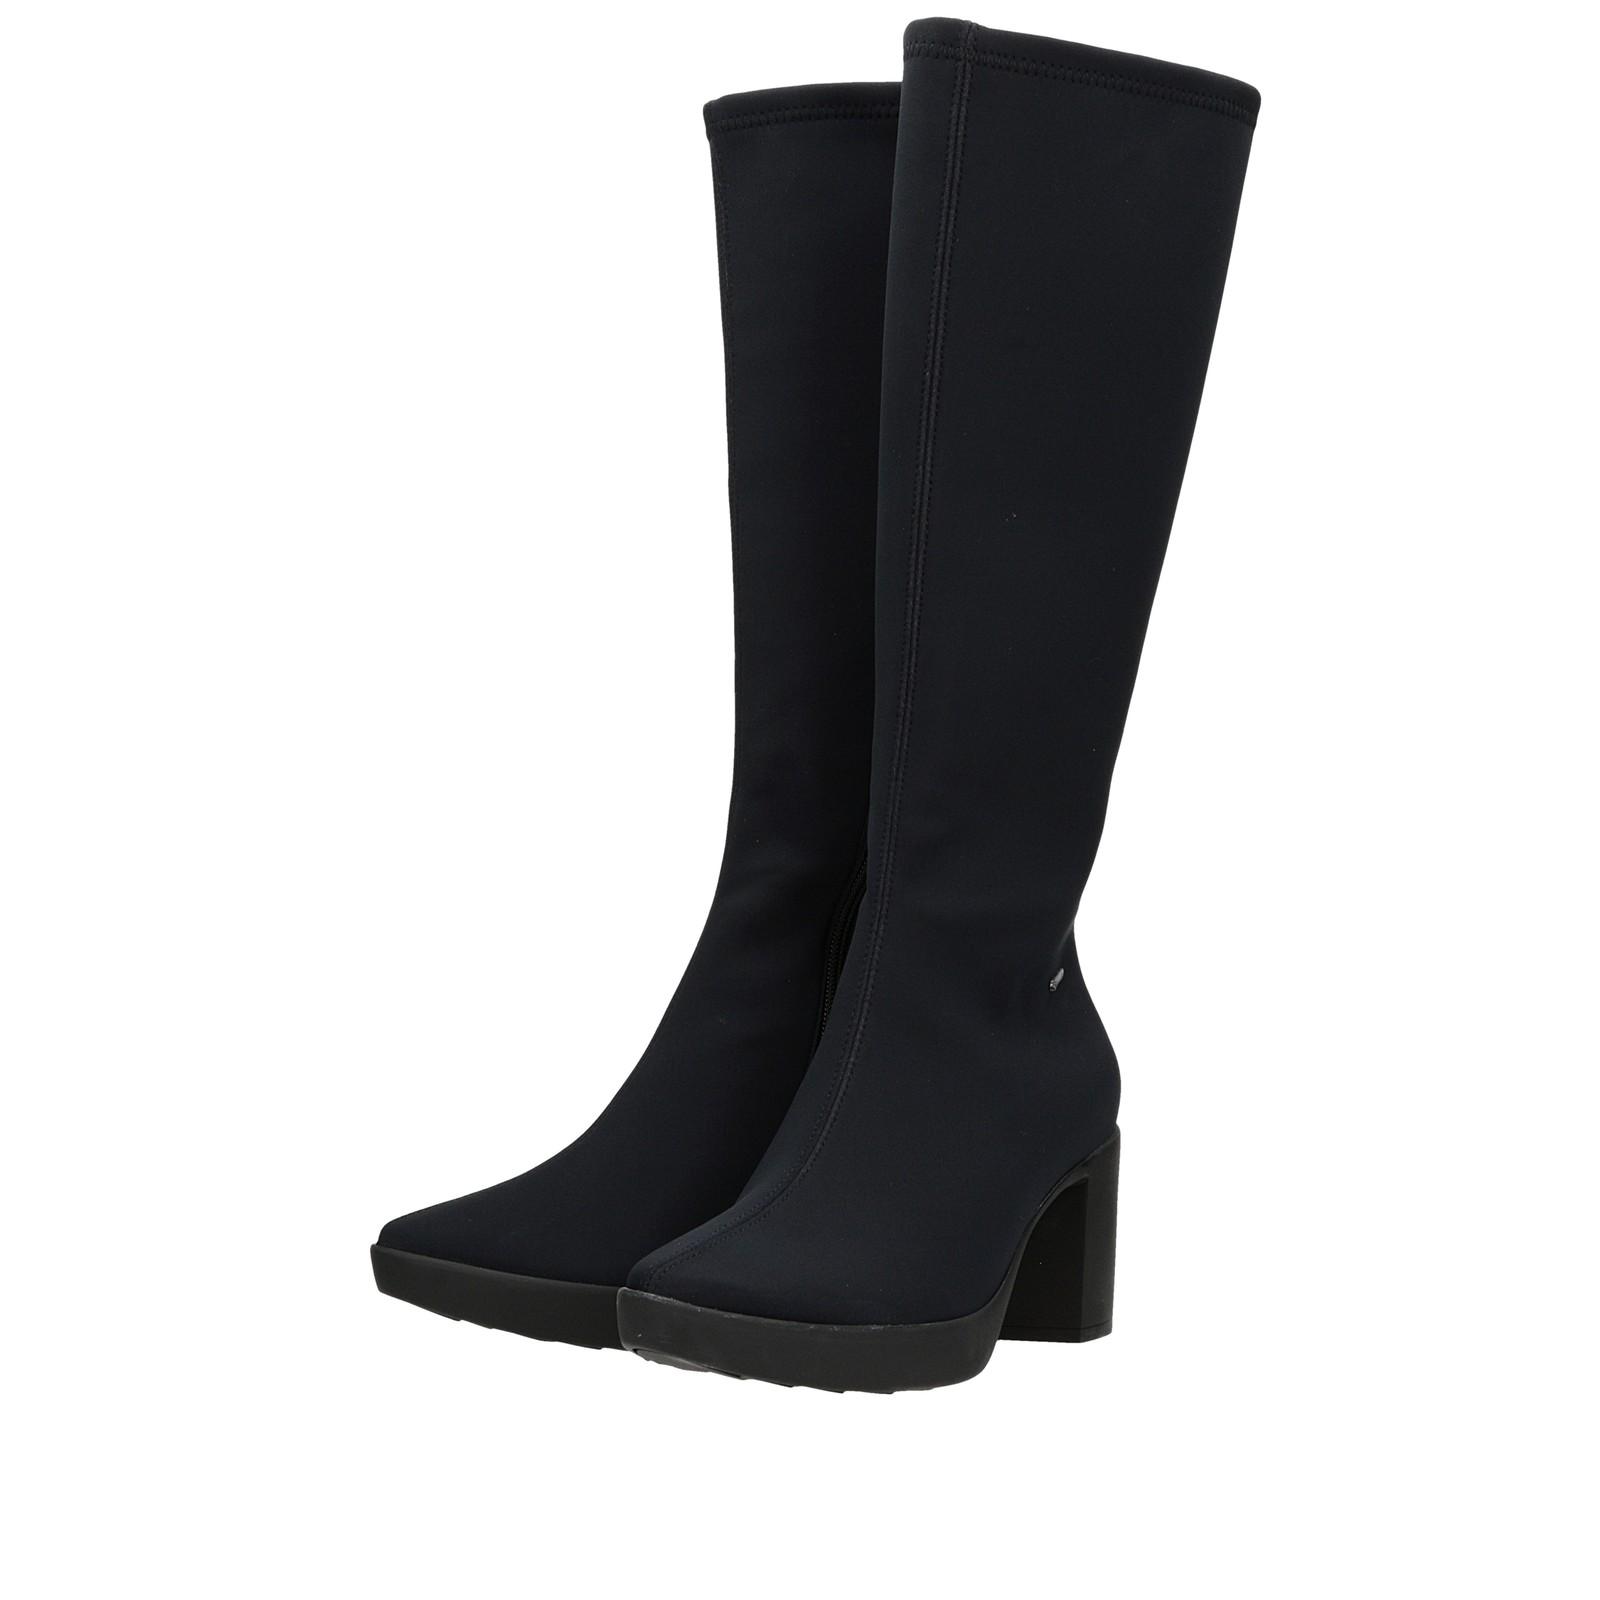 35969ad5f5 ... Högl dámske textilné vysoké čižmy - čierne ...